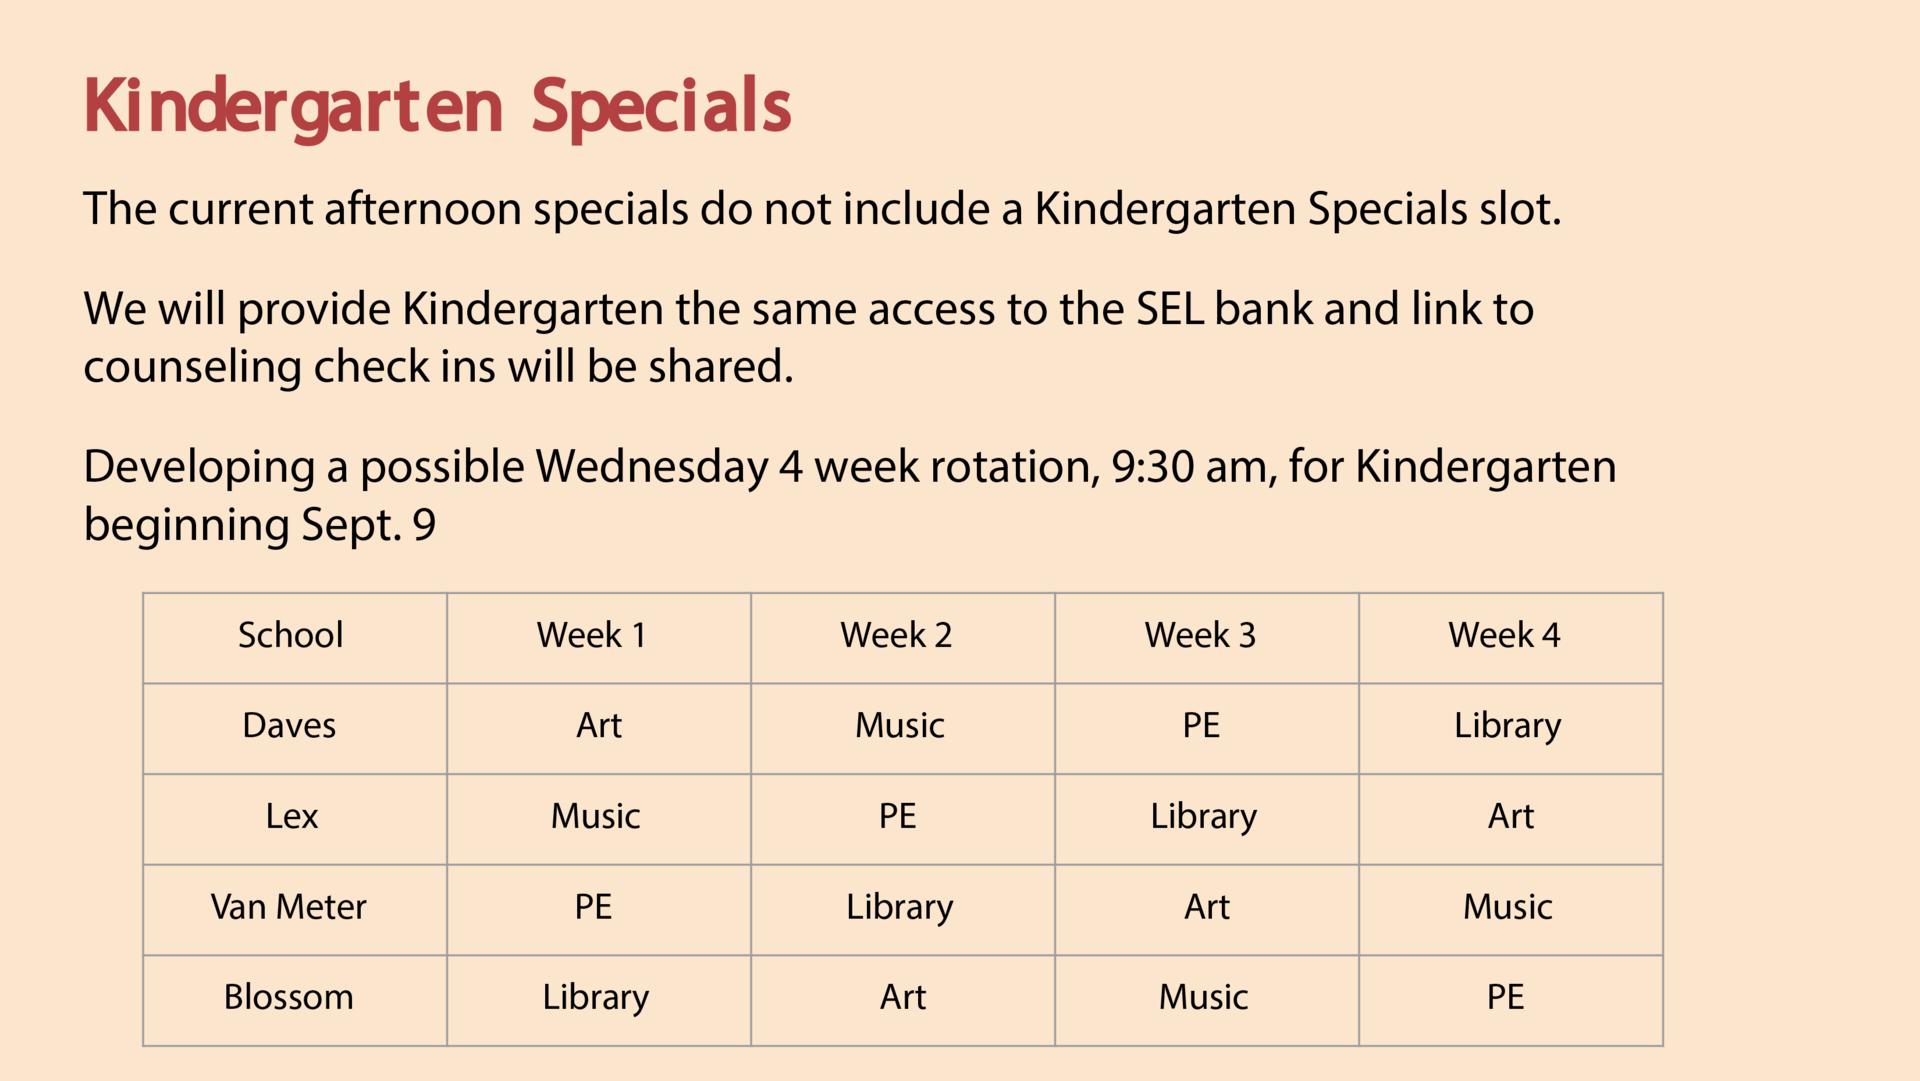 Kindergarten Specials Schedule